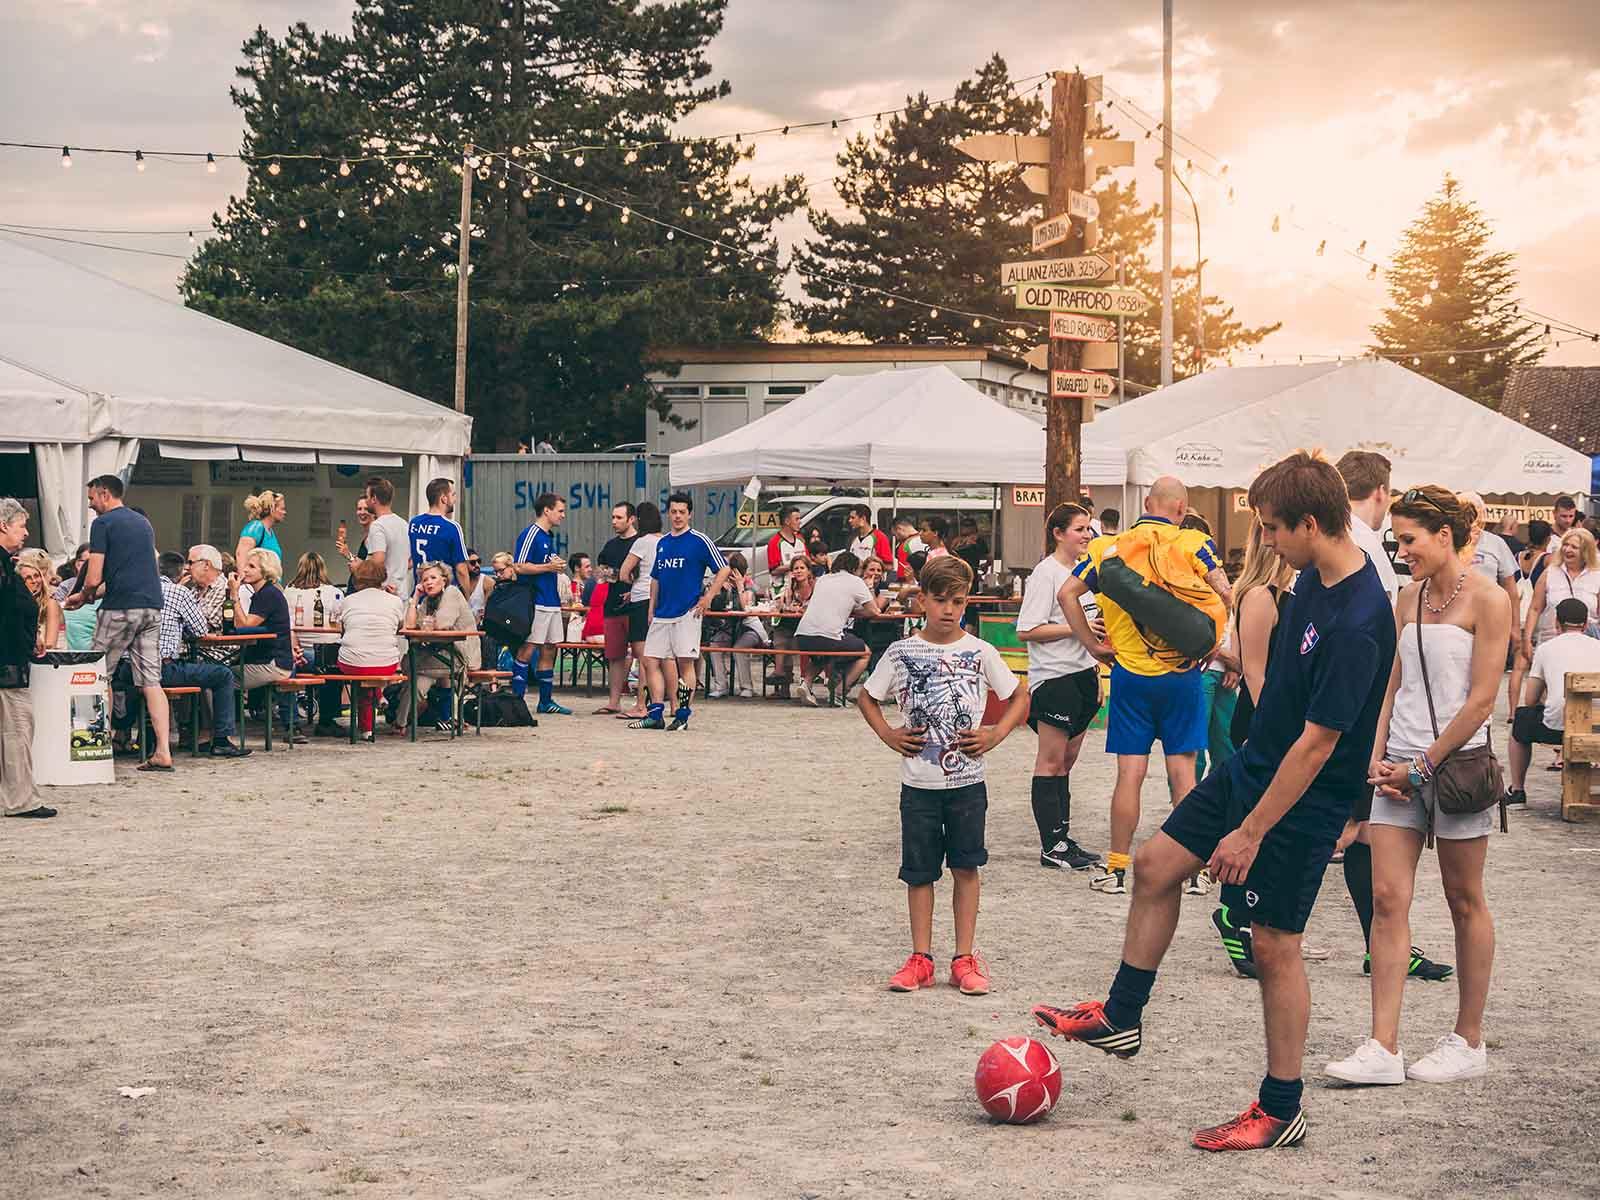 Das Fussballfest zieht Jung und Alt an.